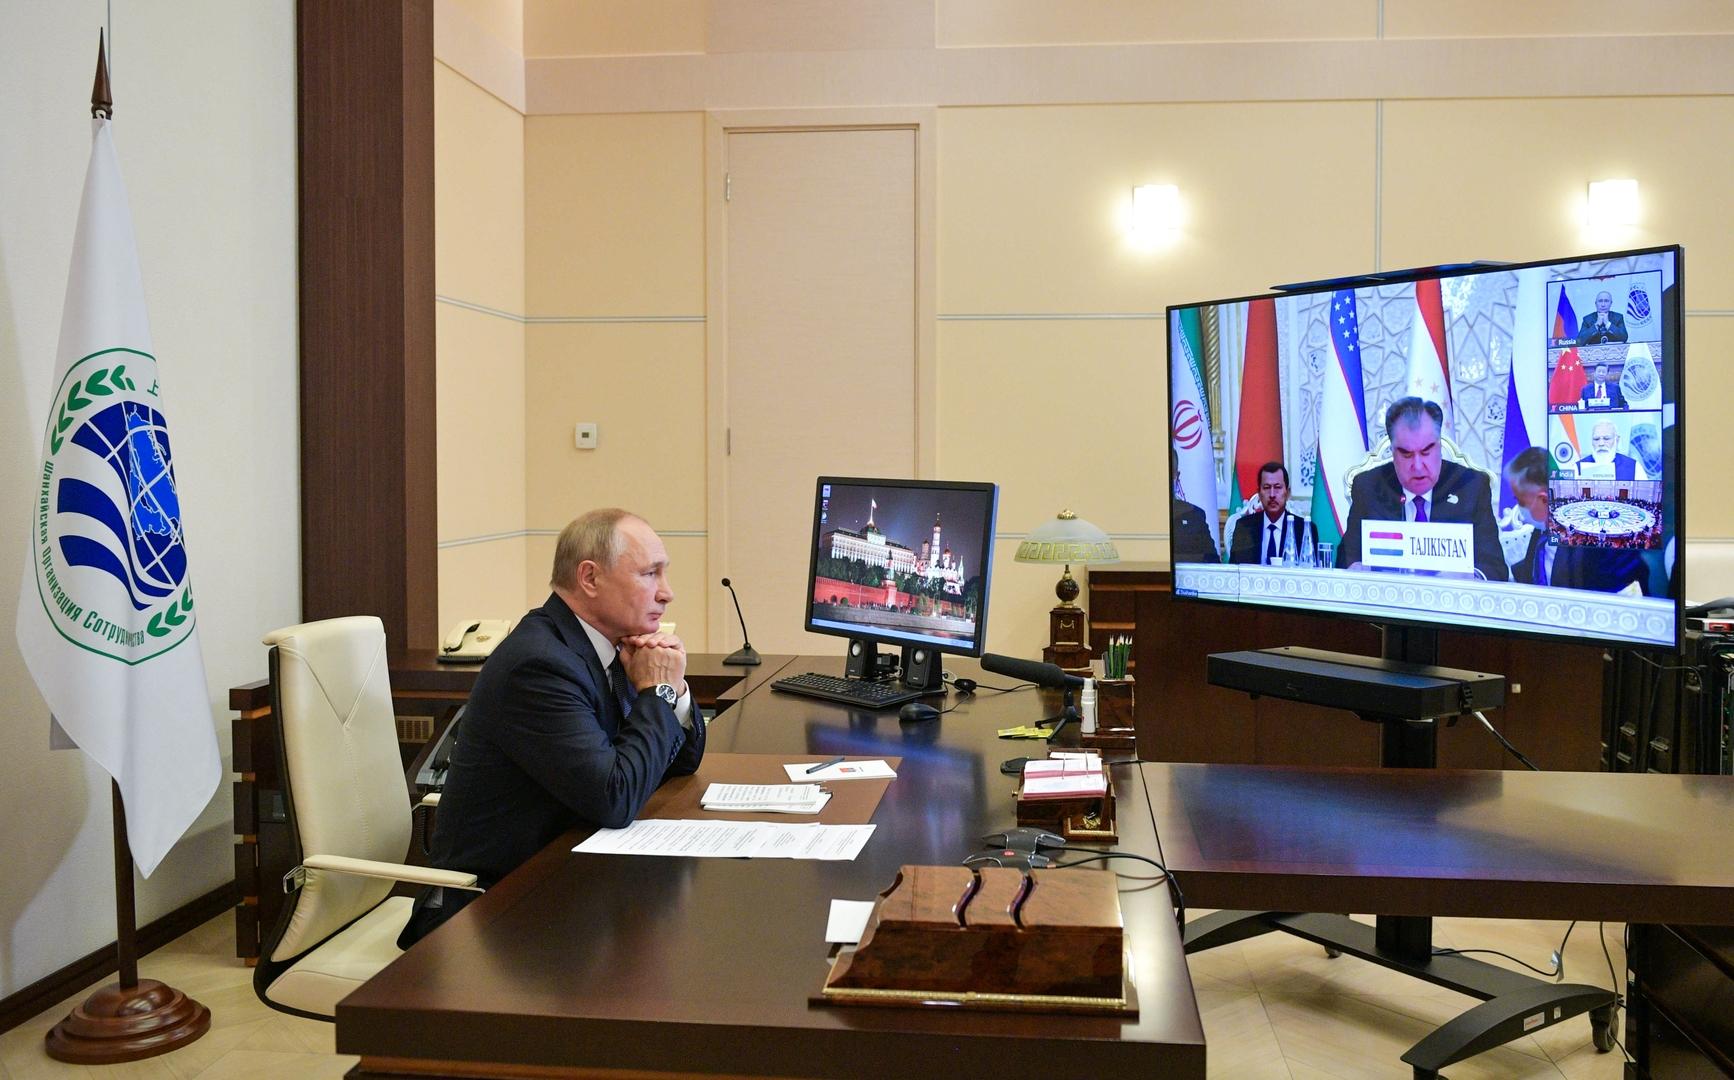 بوتين يبحث مع دراغي التصدي لانتشار الإرهاب وإعادة إعمار أفغانستان